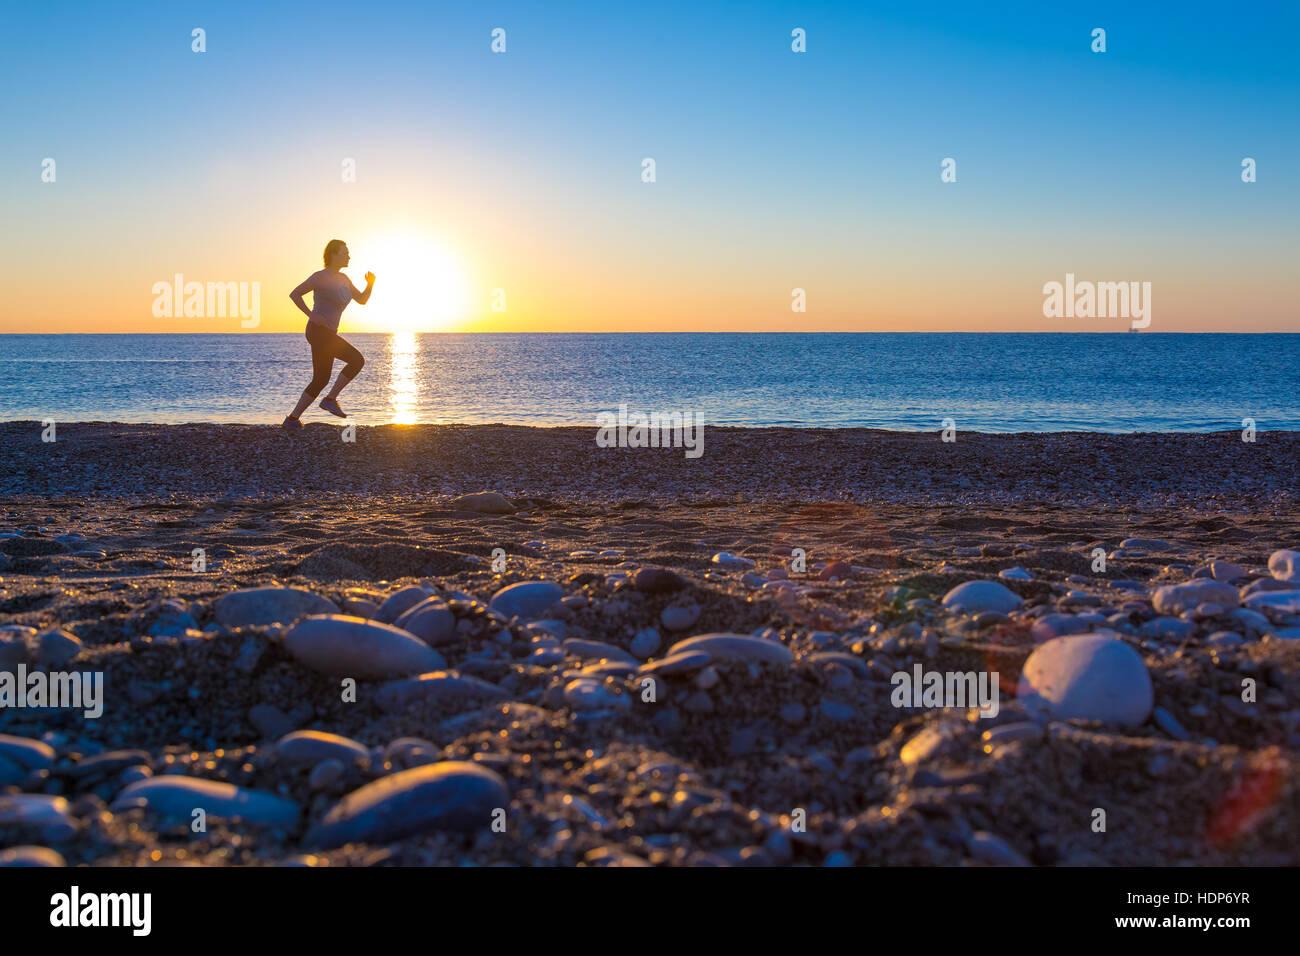 Silhouette der Sportlerin am Ocean Beach bei Sonnenaufgang Stockfoto